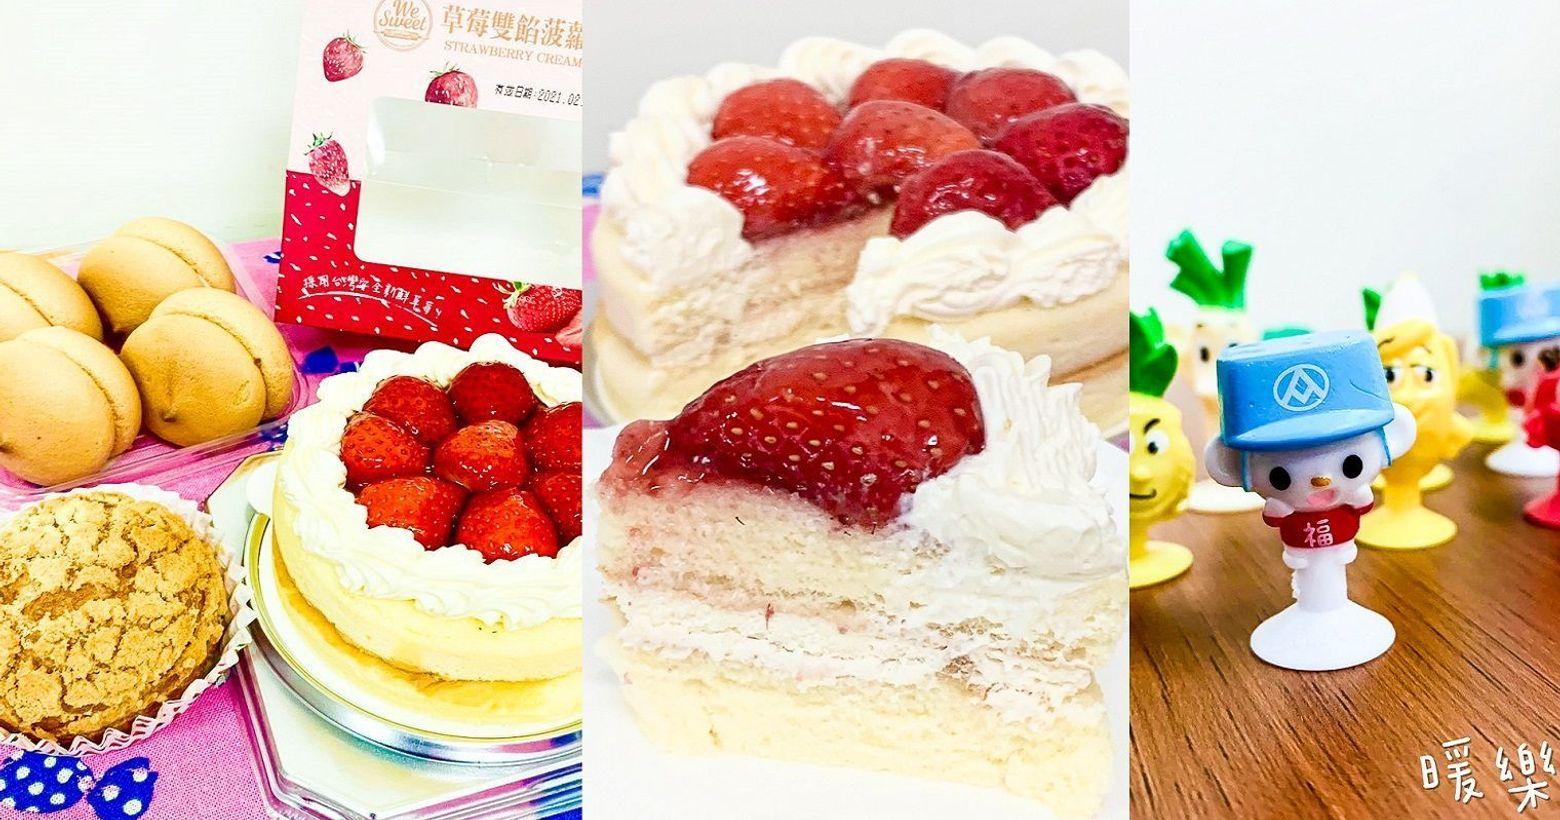 2021全聯We Sweet草莓蛋糕甜點系列,哪種好吃?撰文編輯#暖樂Loftwarm回想1年多前第